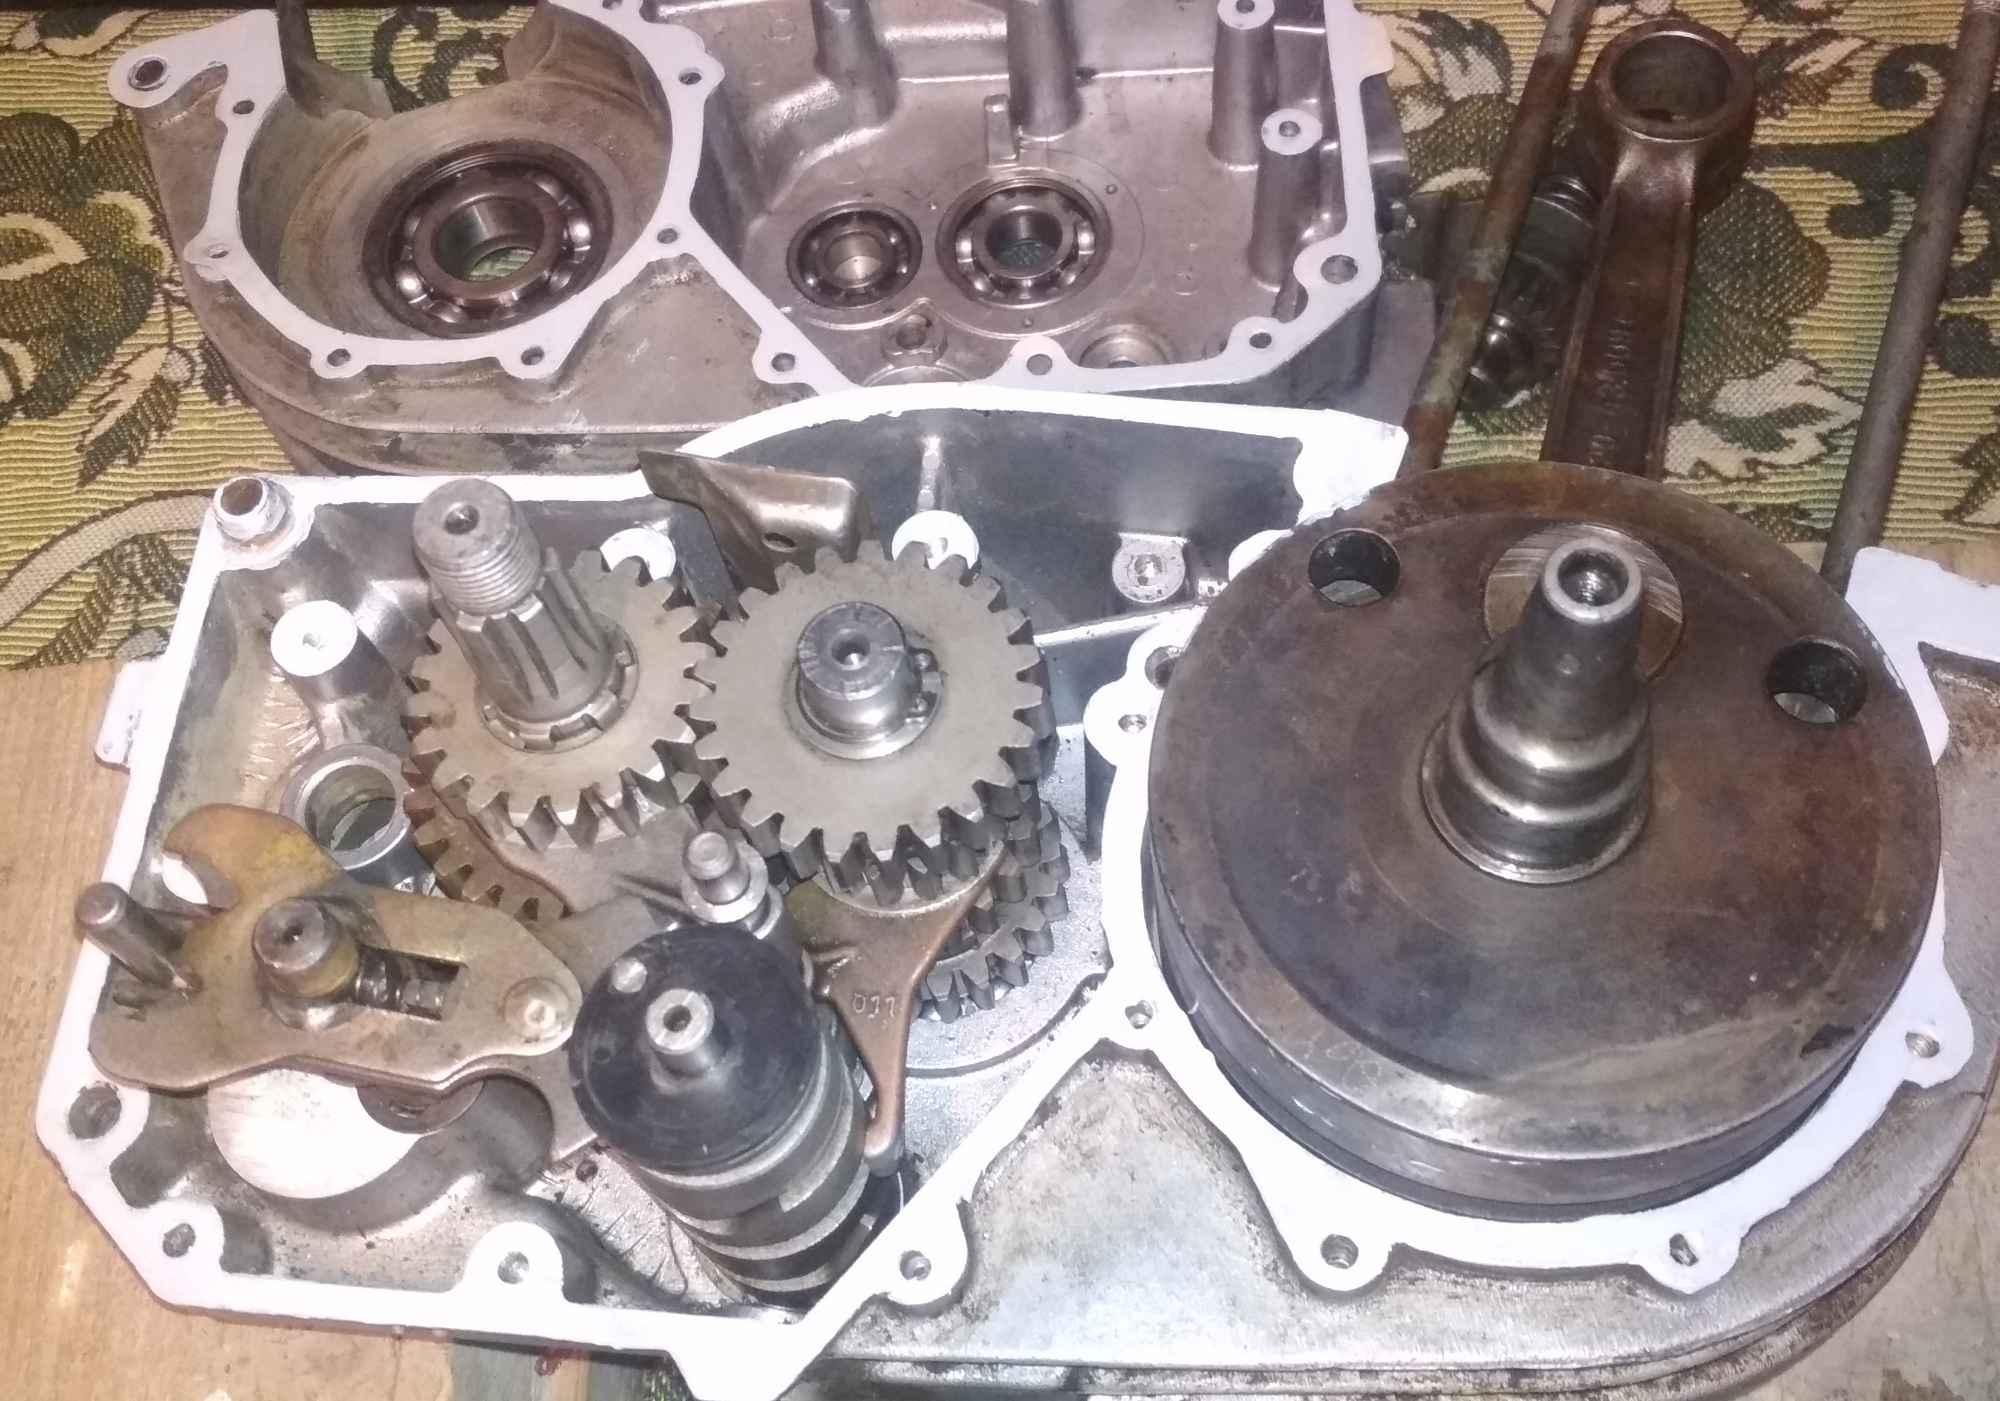 Remont/naprawa silników motocyklowych Jasło - zdjęcie 5